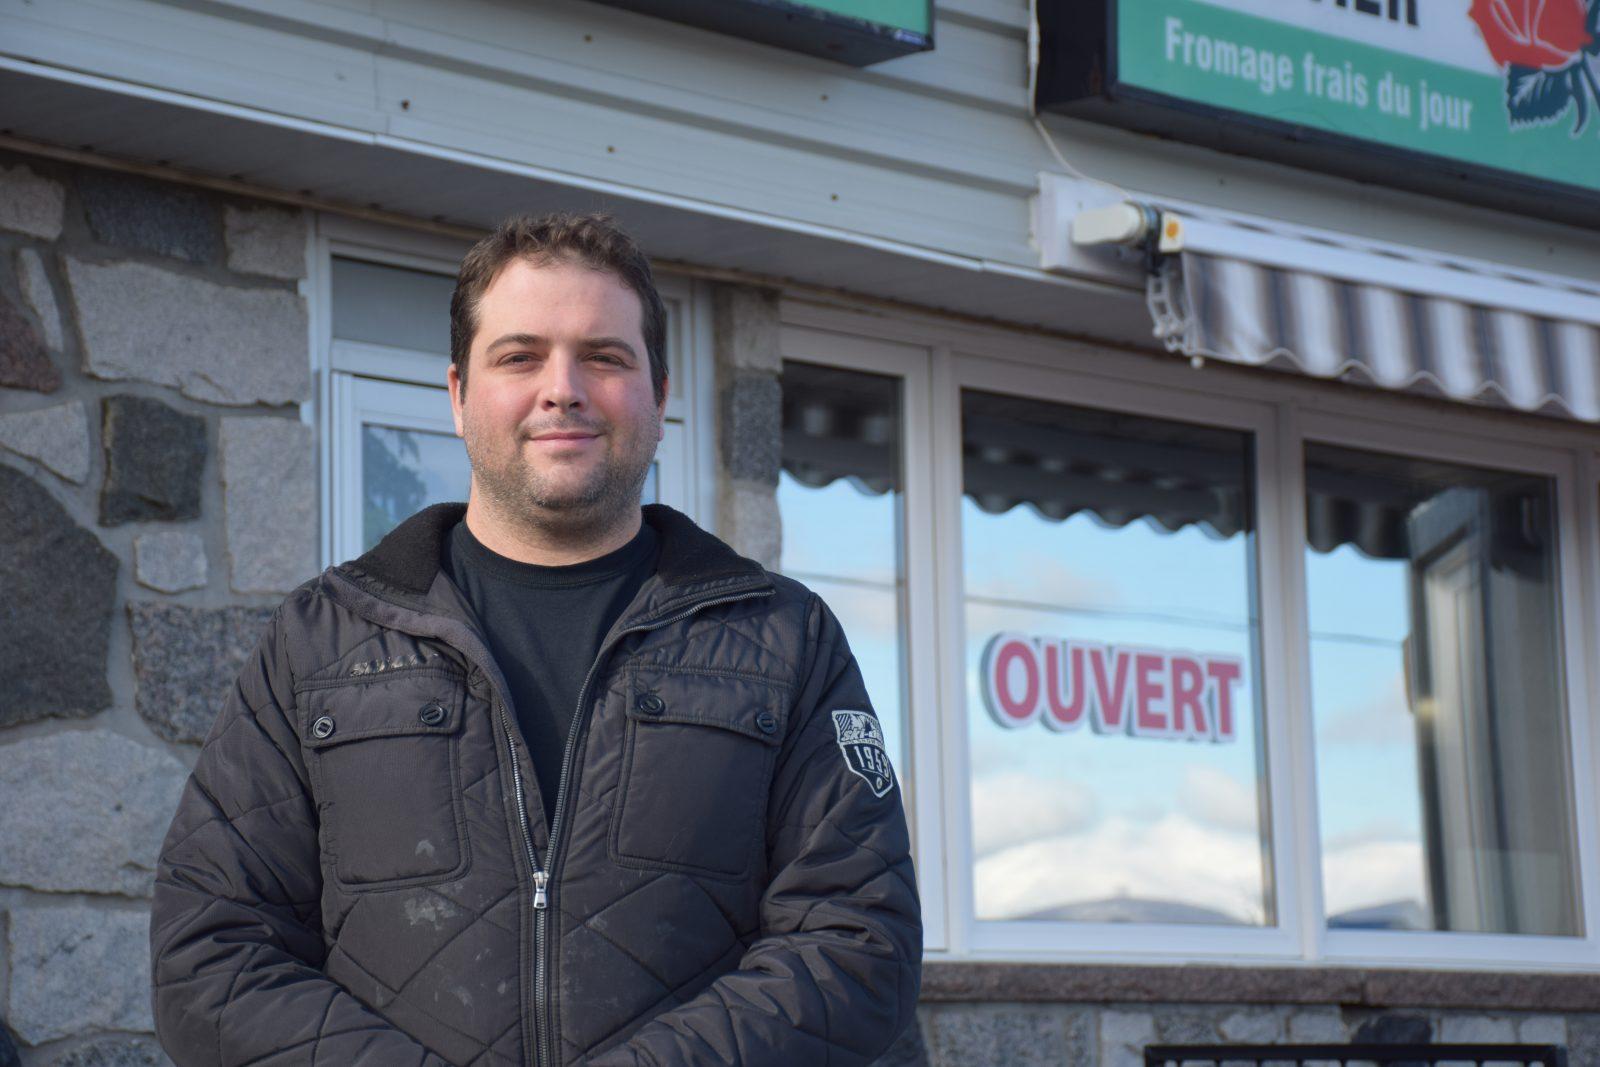 Fromagerie St-Laurent: Investissement de 3M$ pour la production de mozzarella